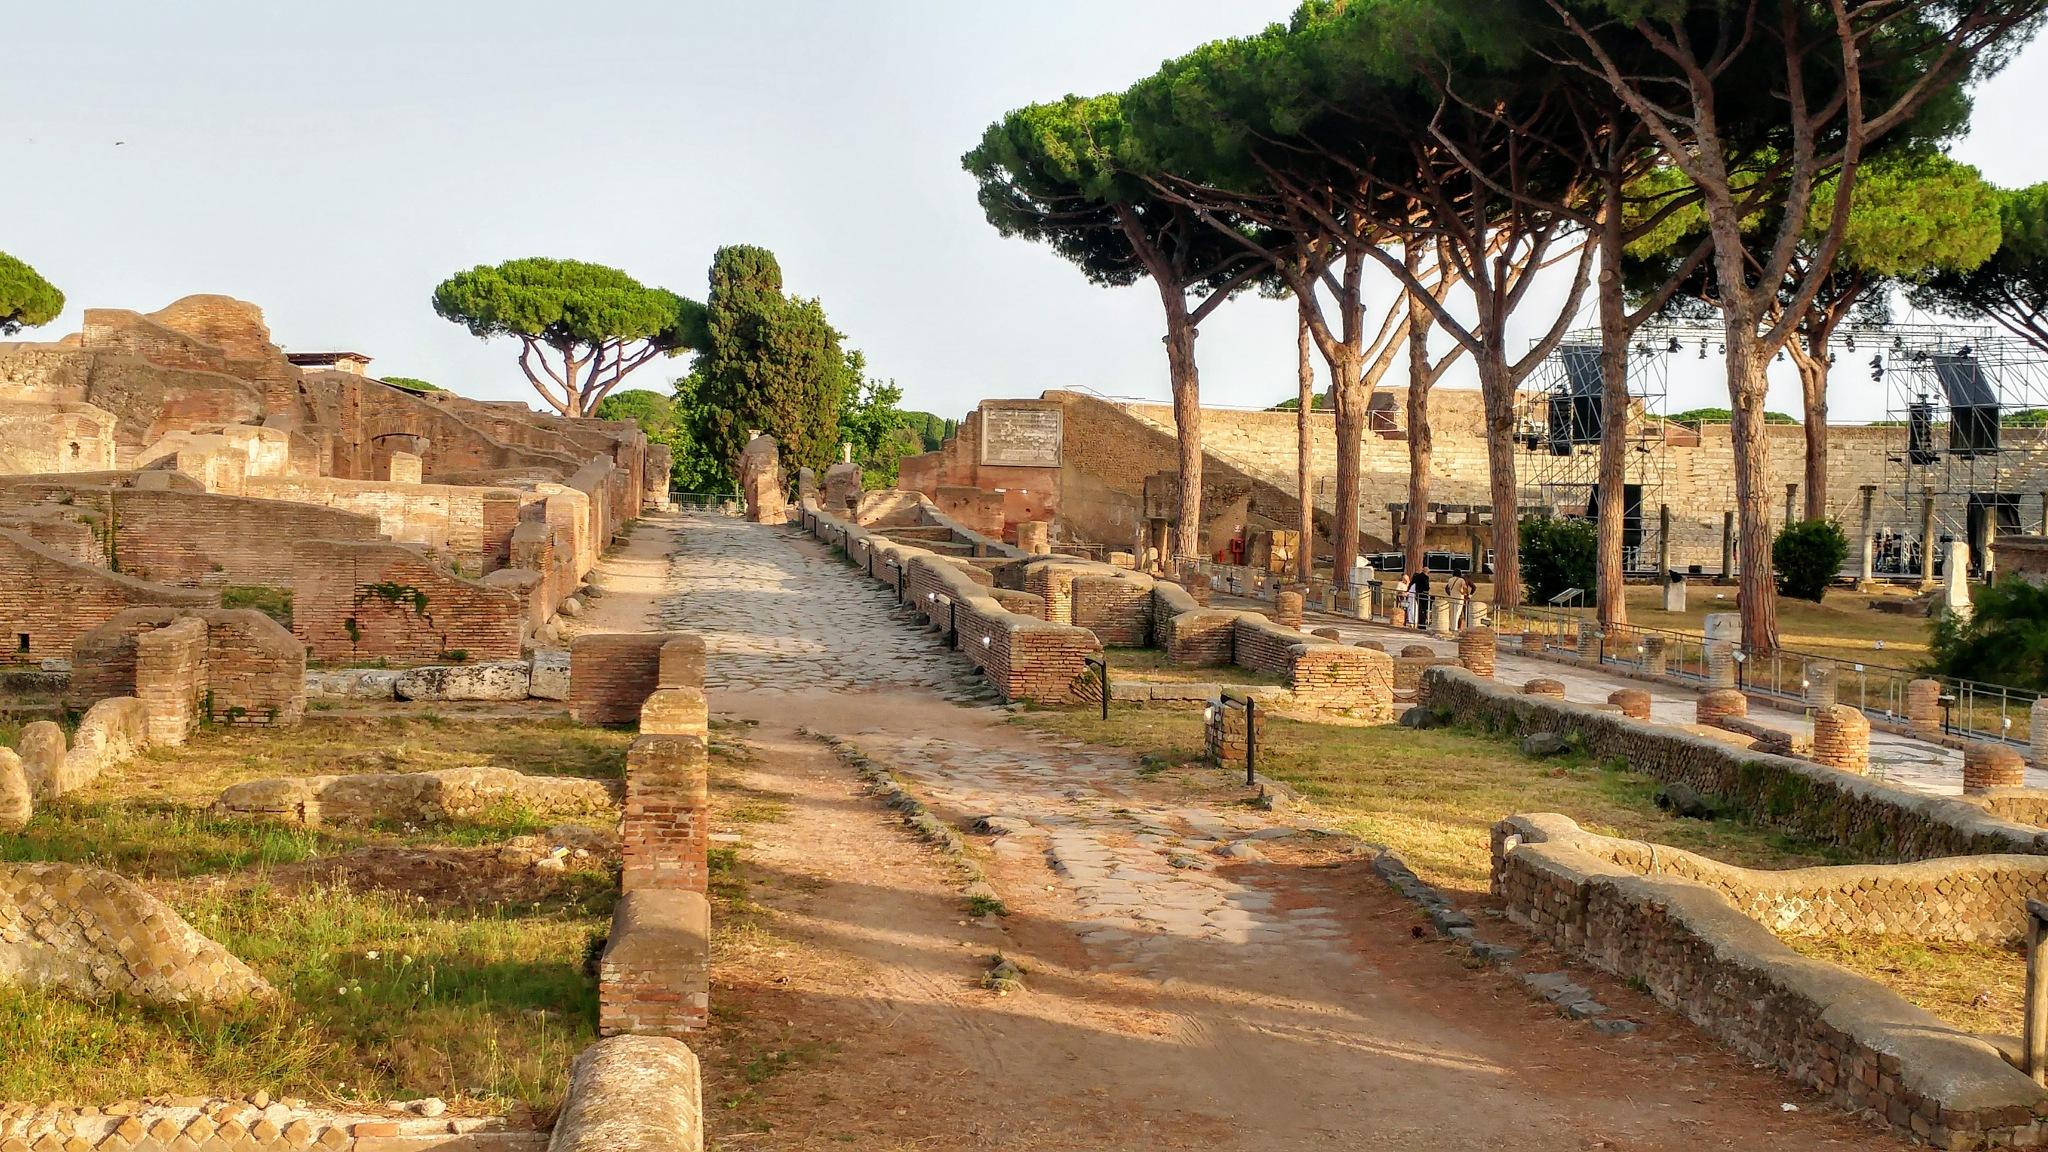 strada verso l'anfiteatro by Silvia Maccioni